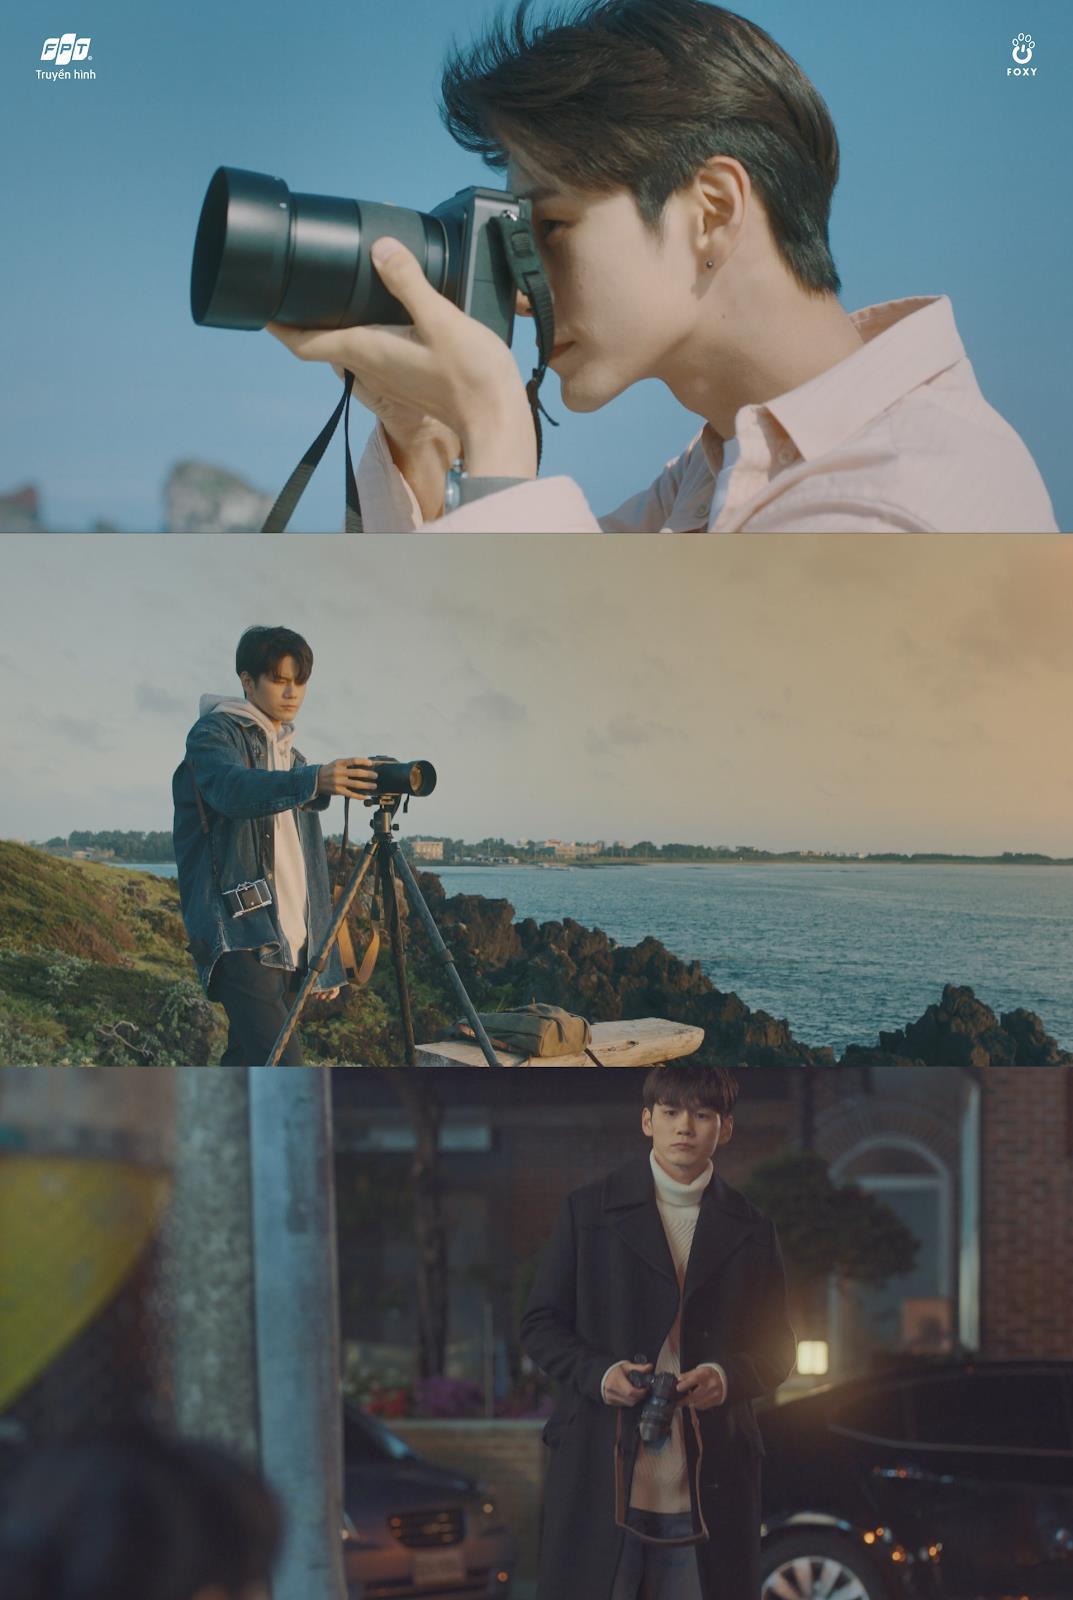 Những bí mật của trai đẹp Ong Seong Woo trong Hơn Cả Tình Bạn - Ảnh 5.